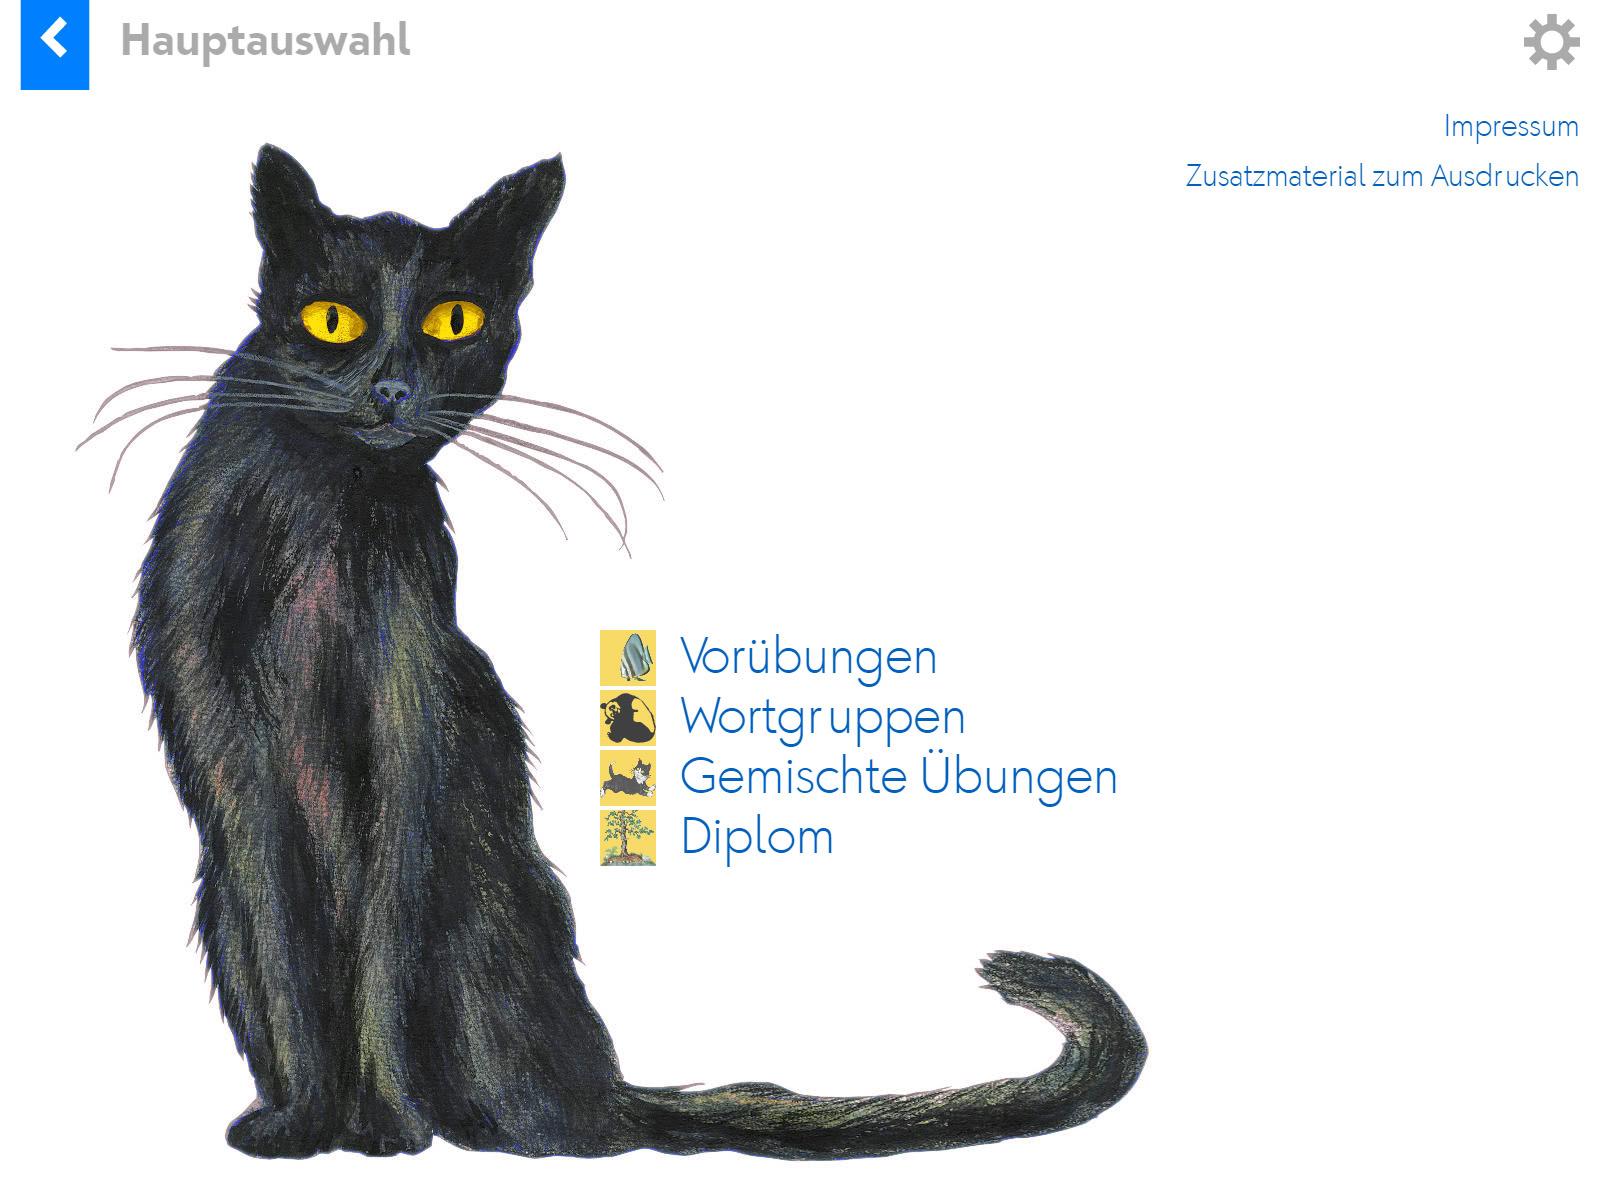 Katze mit tz Background 1